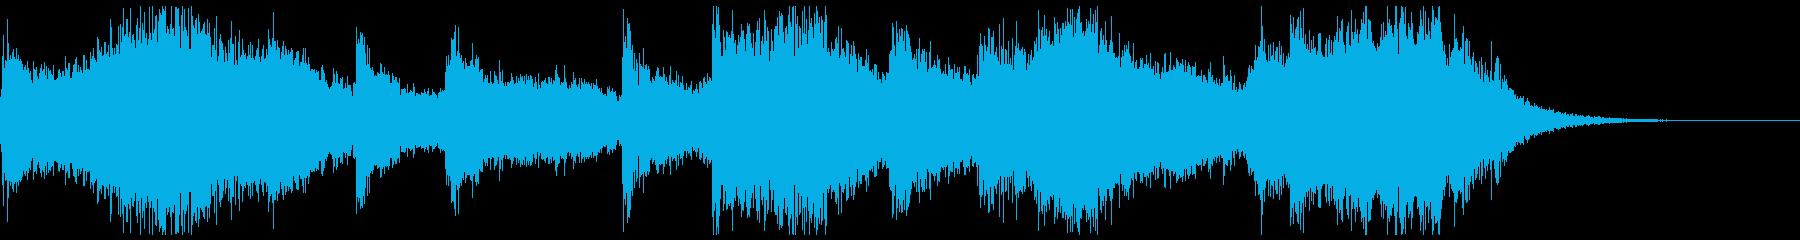 ホラーでよくあるオーケストラの不協和音の再生済みの波形